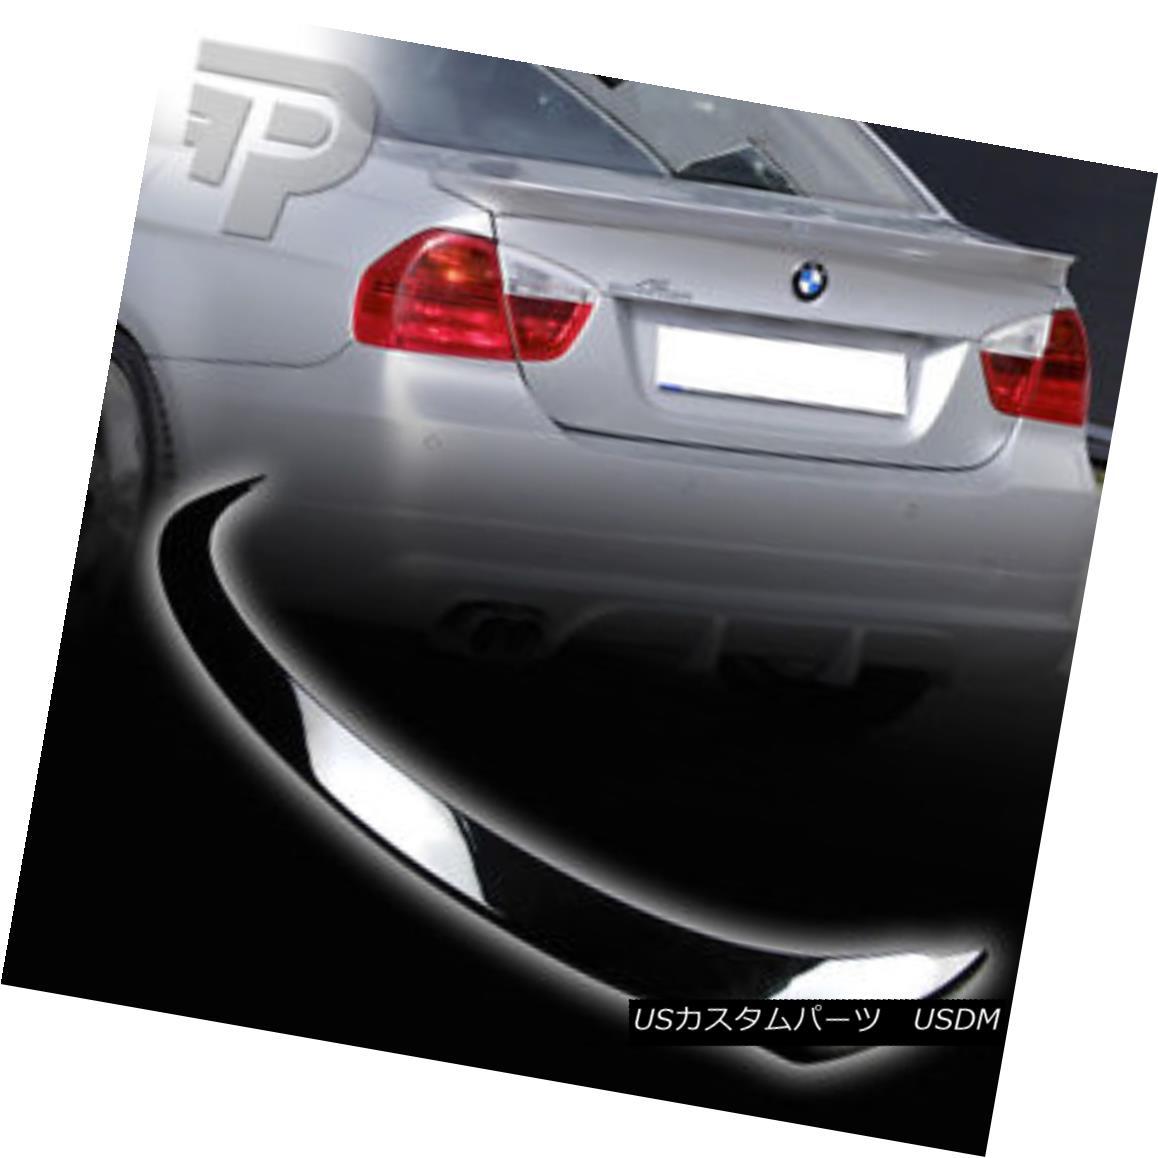 エアロパーツ PAINTED BMW 3-SERIES E90 SEDAN A TYPE REAR TRUNK SPOILER 325i 318d 2011 ペイントされたBMW 3シリーズE90セダンAタイプのリアトランク・スポイラー325i 318d 2011